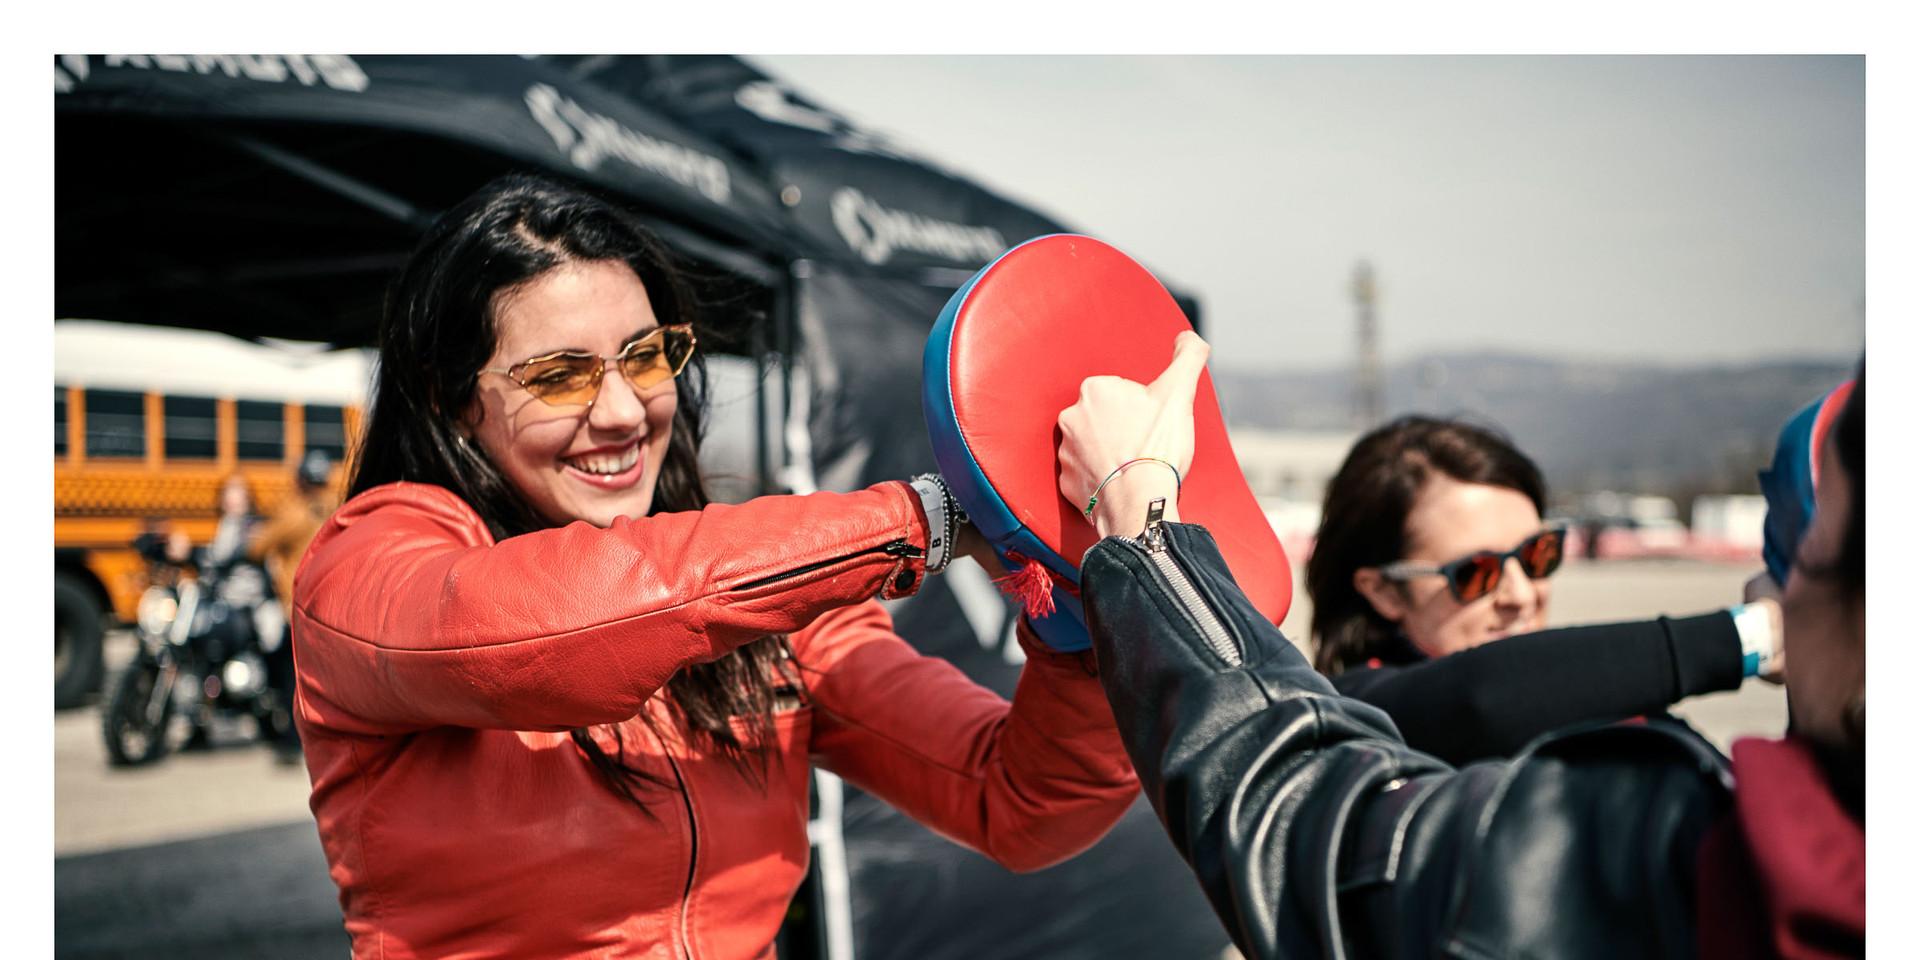 WMB Chiara Ludovica Quadrelli ++ - 120.jpg